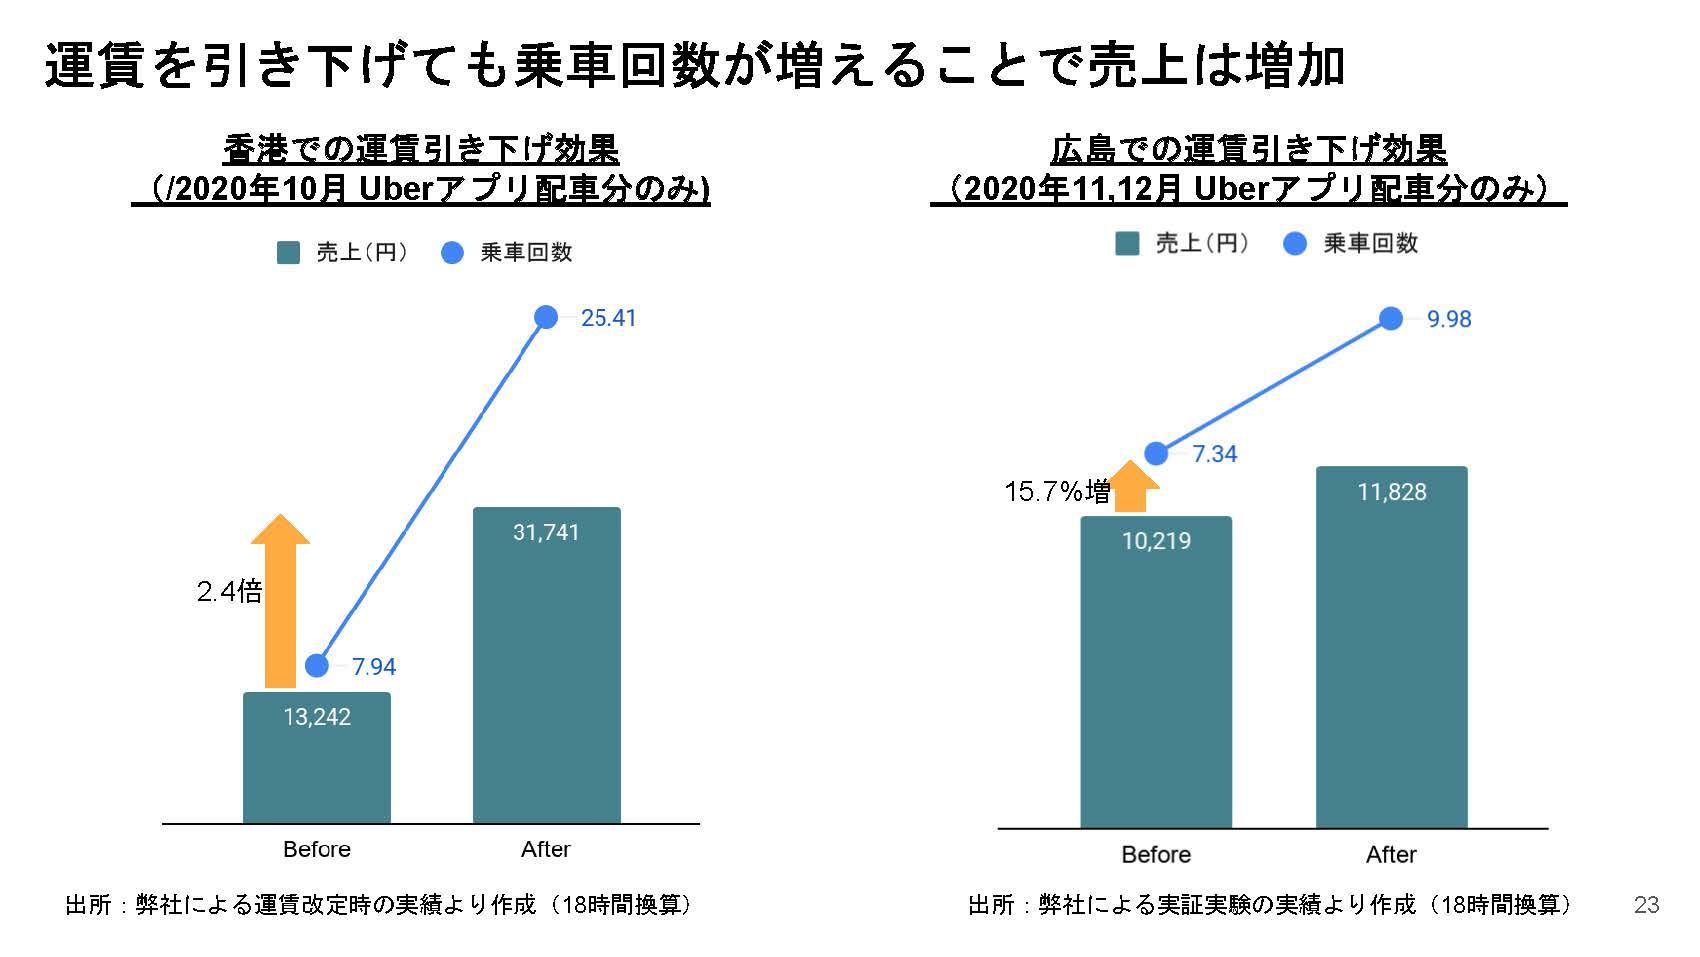 ダイナミックプライシングにより、運賃を引き下げても乗車回数が増えることを示したグラフ